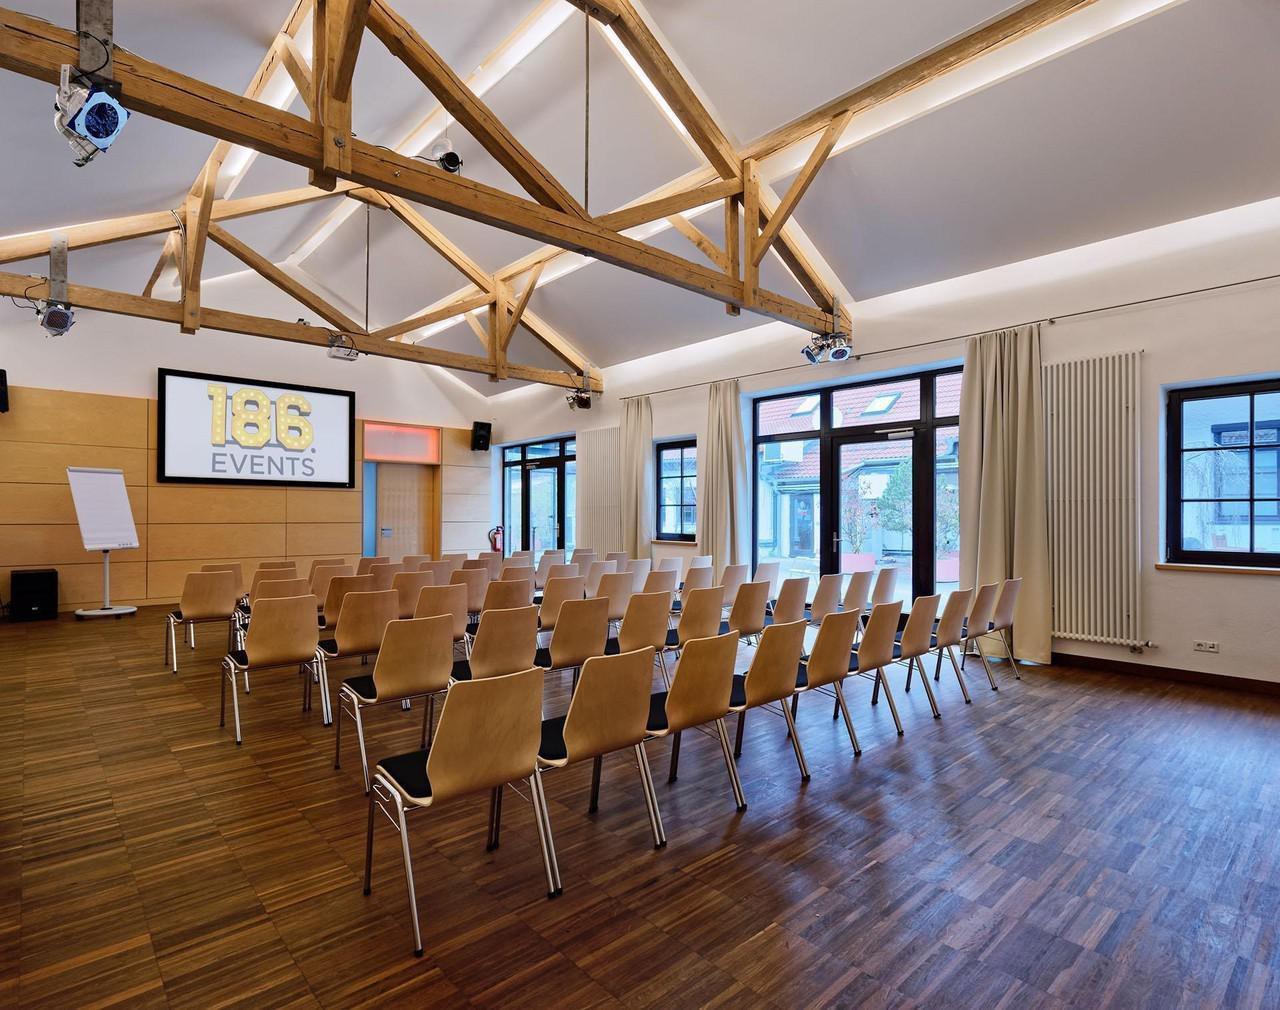 Ismaning PR & Marketing Event  186.events Location für Seminare, Tagungen, Fotoproduktion image 0